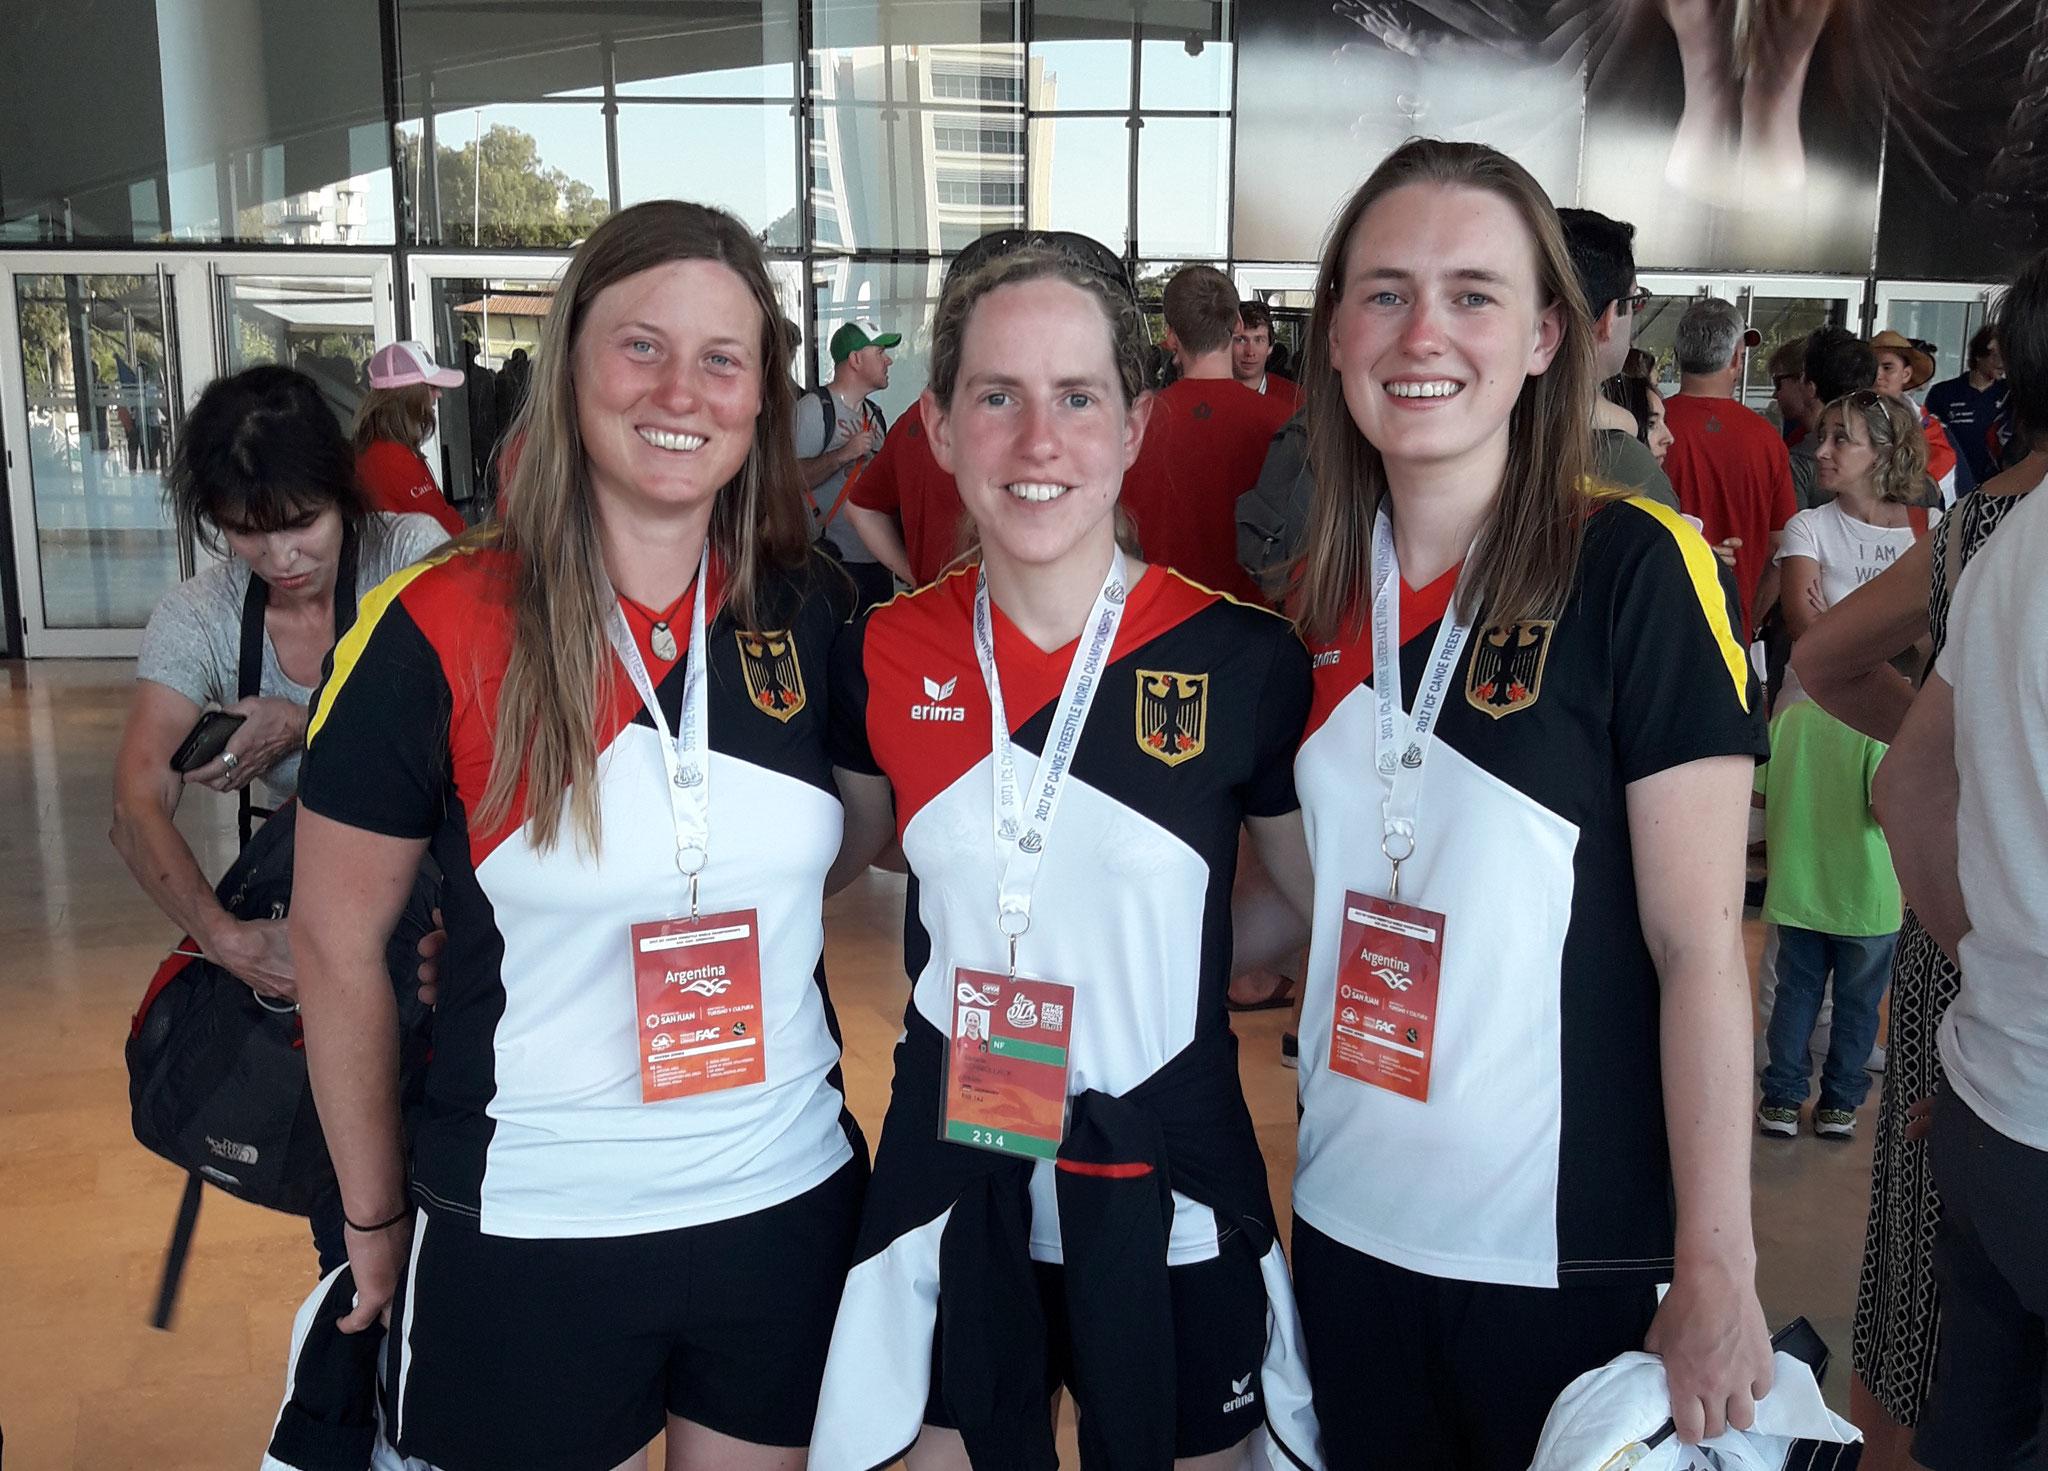 Das deutsche Damen Team bei der WM - Anne Hübner, Stefanie Schmollack und Luisa Heinen